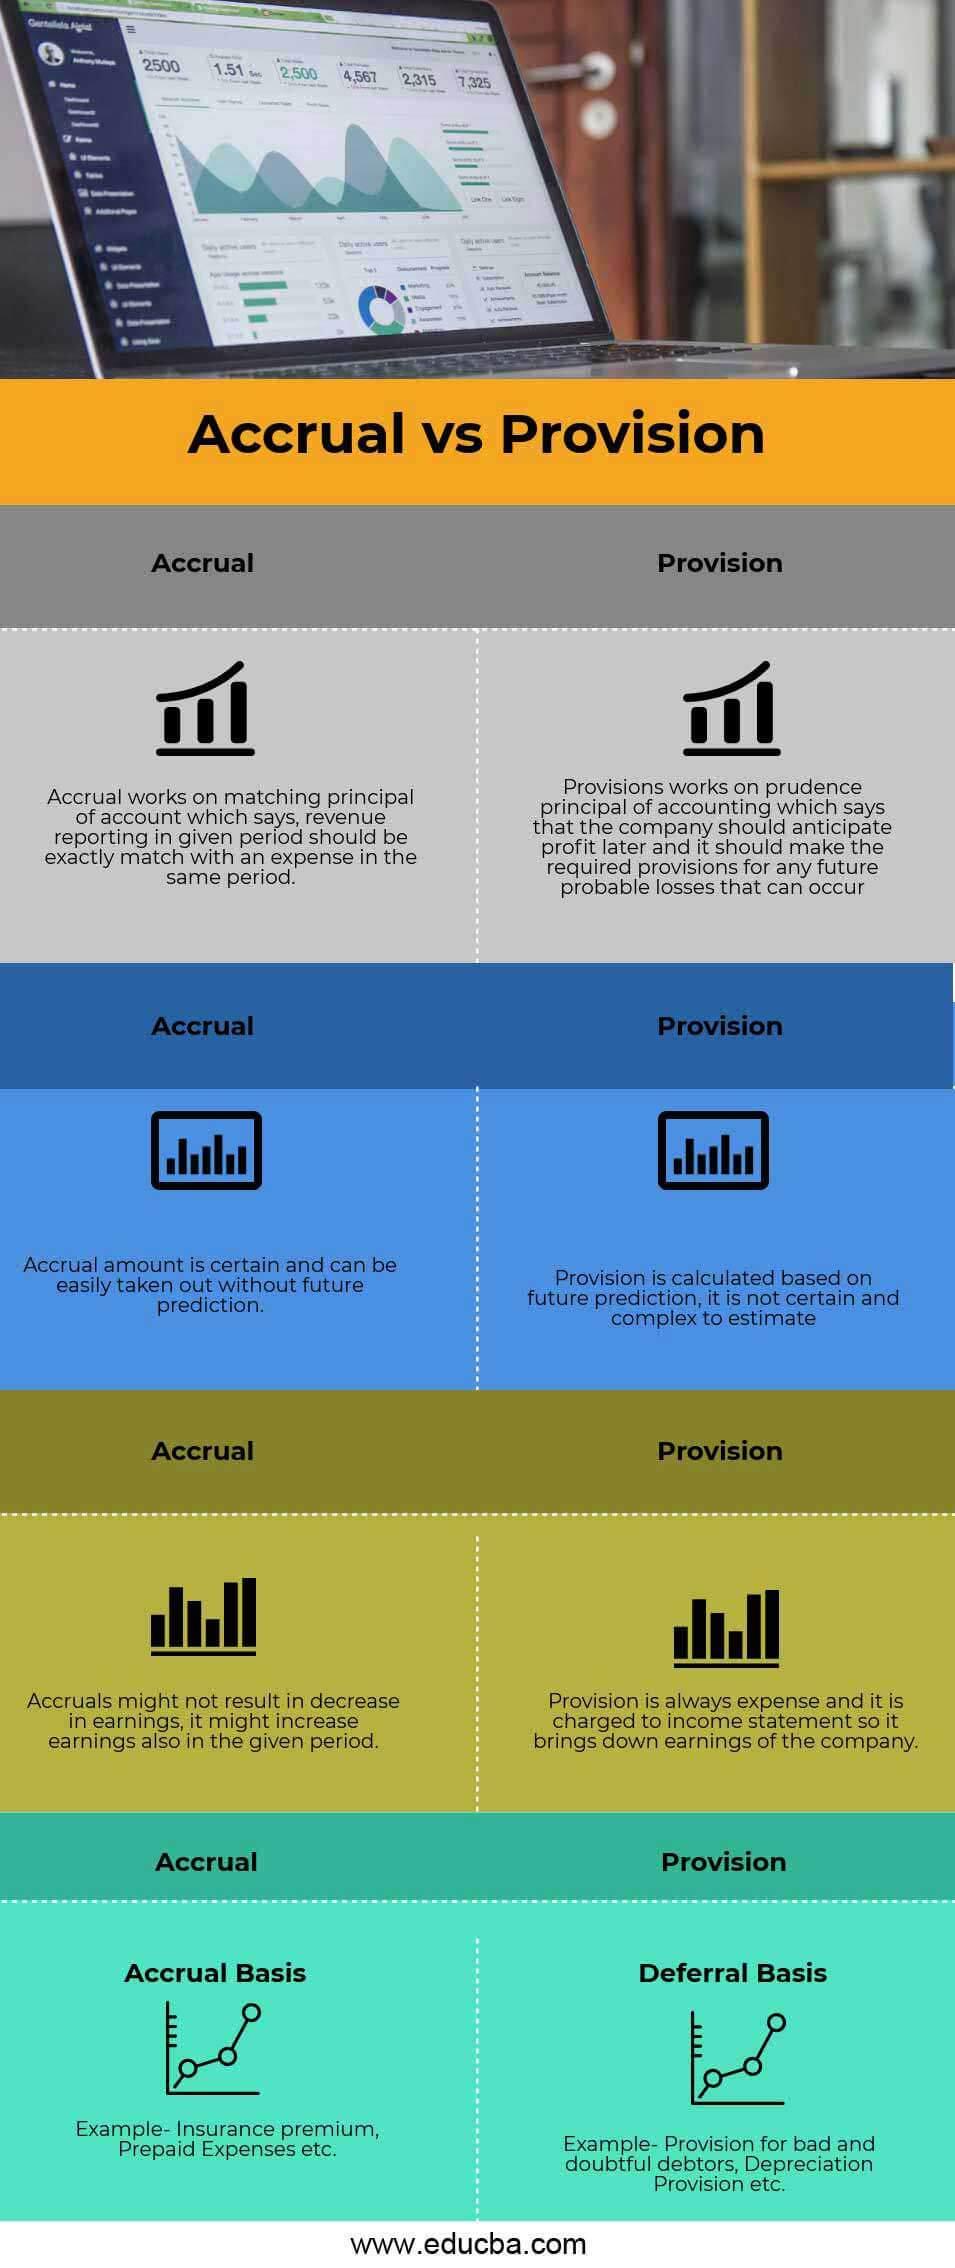 Accrual-vs-Provision-info